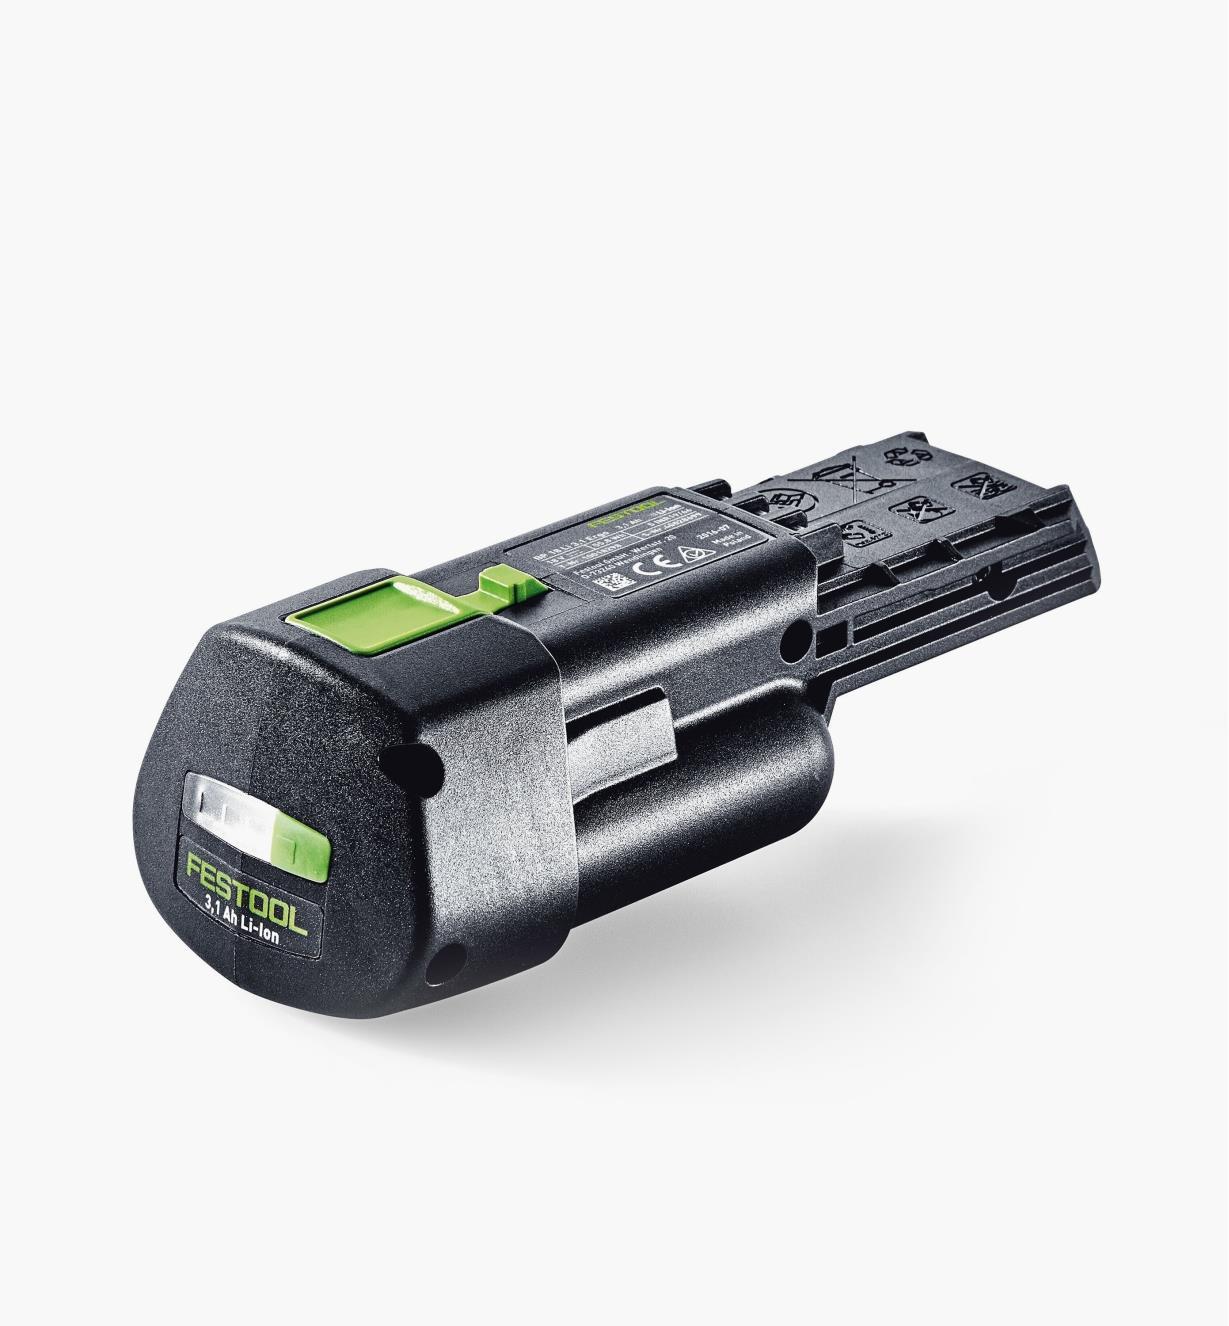 Batterie BP 18 Li 3,1 Ergo-I